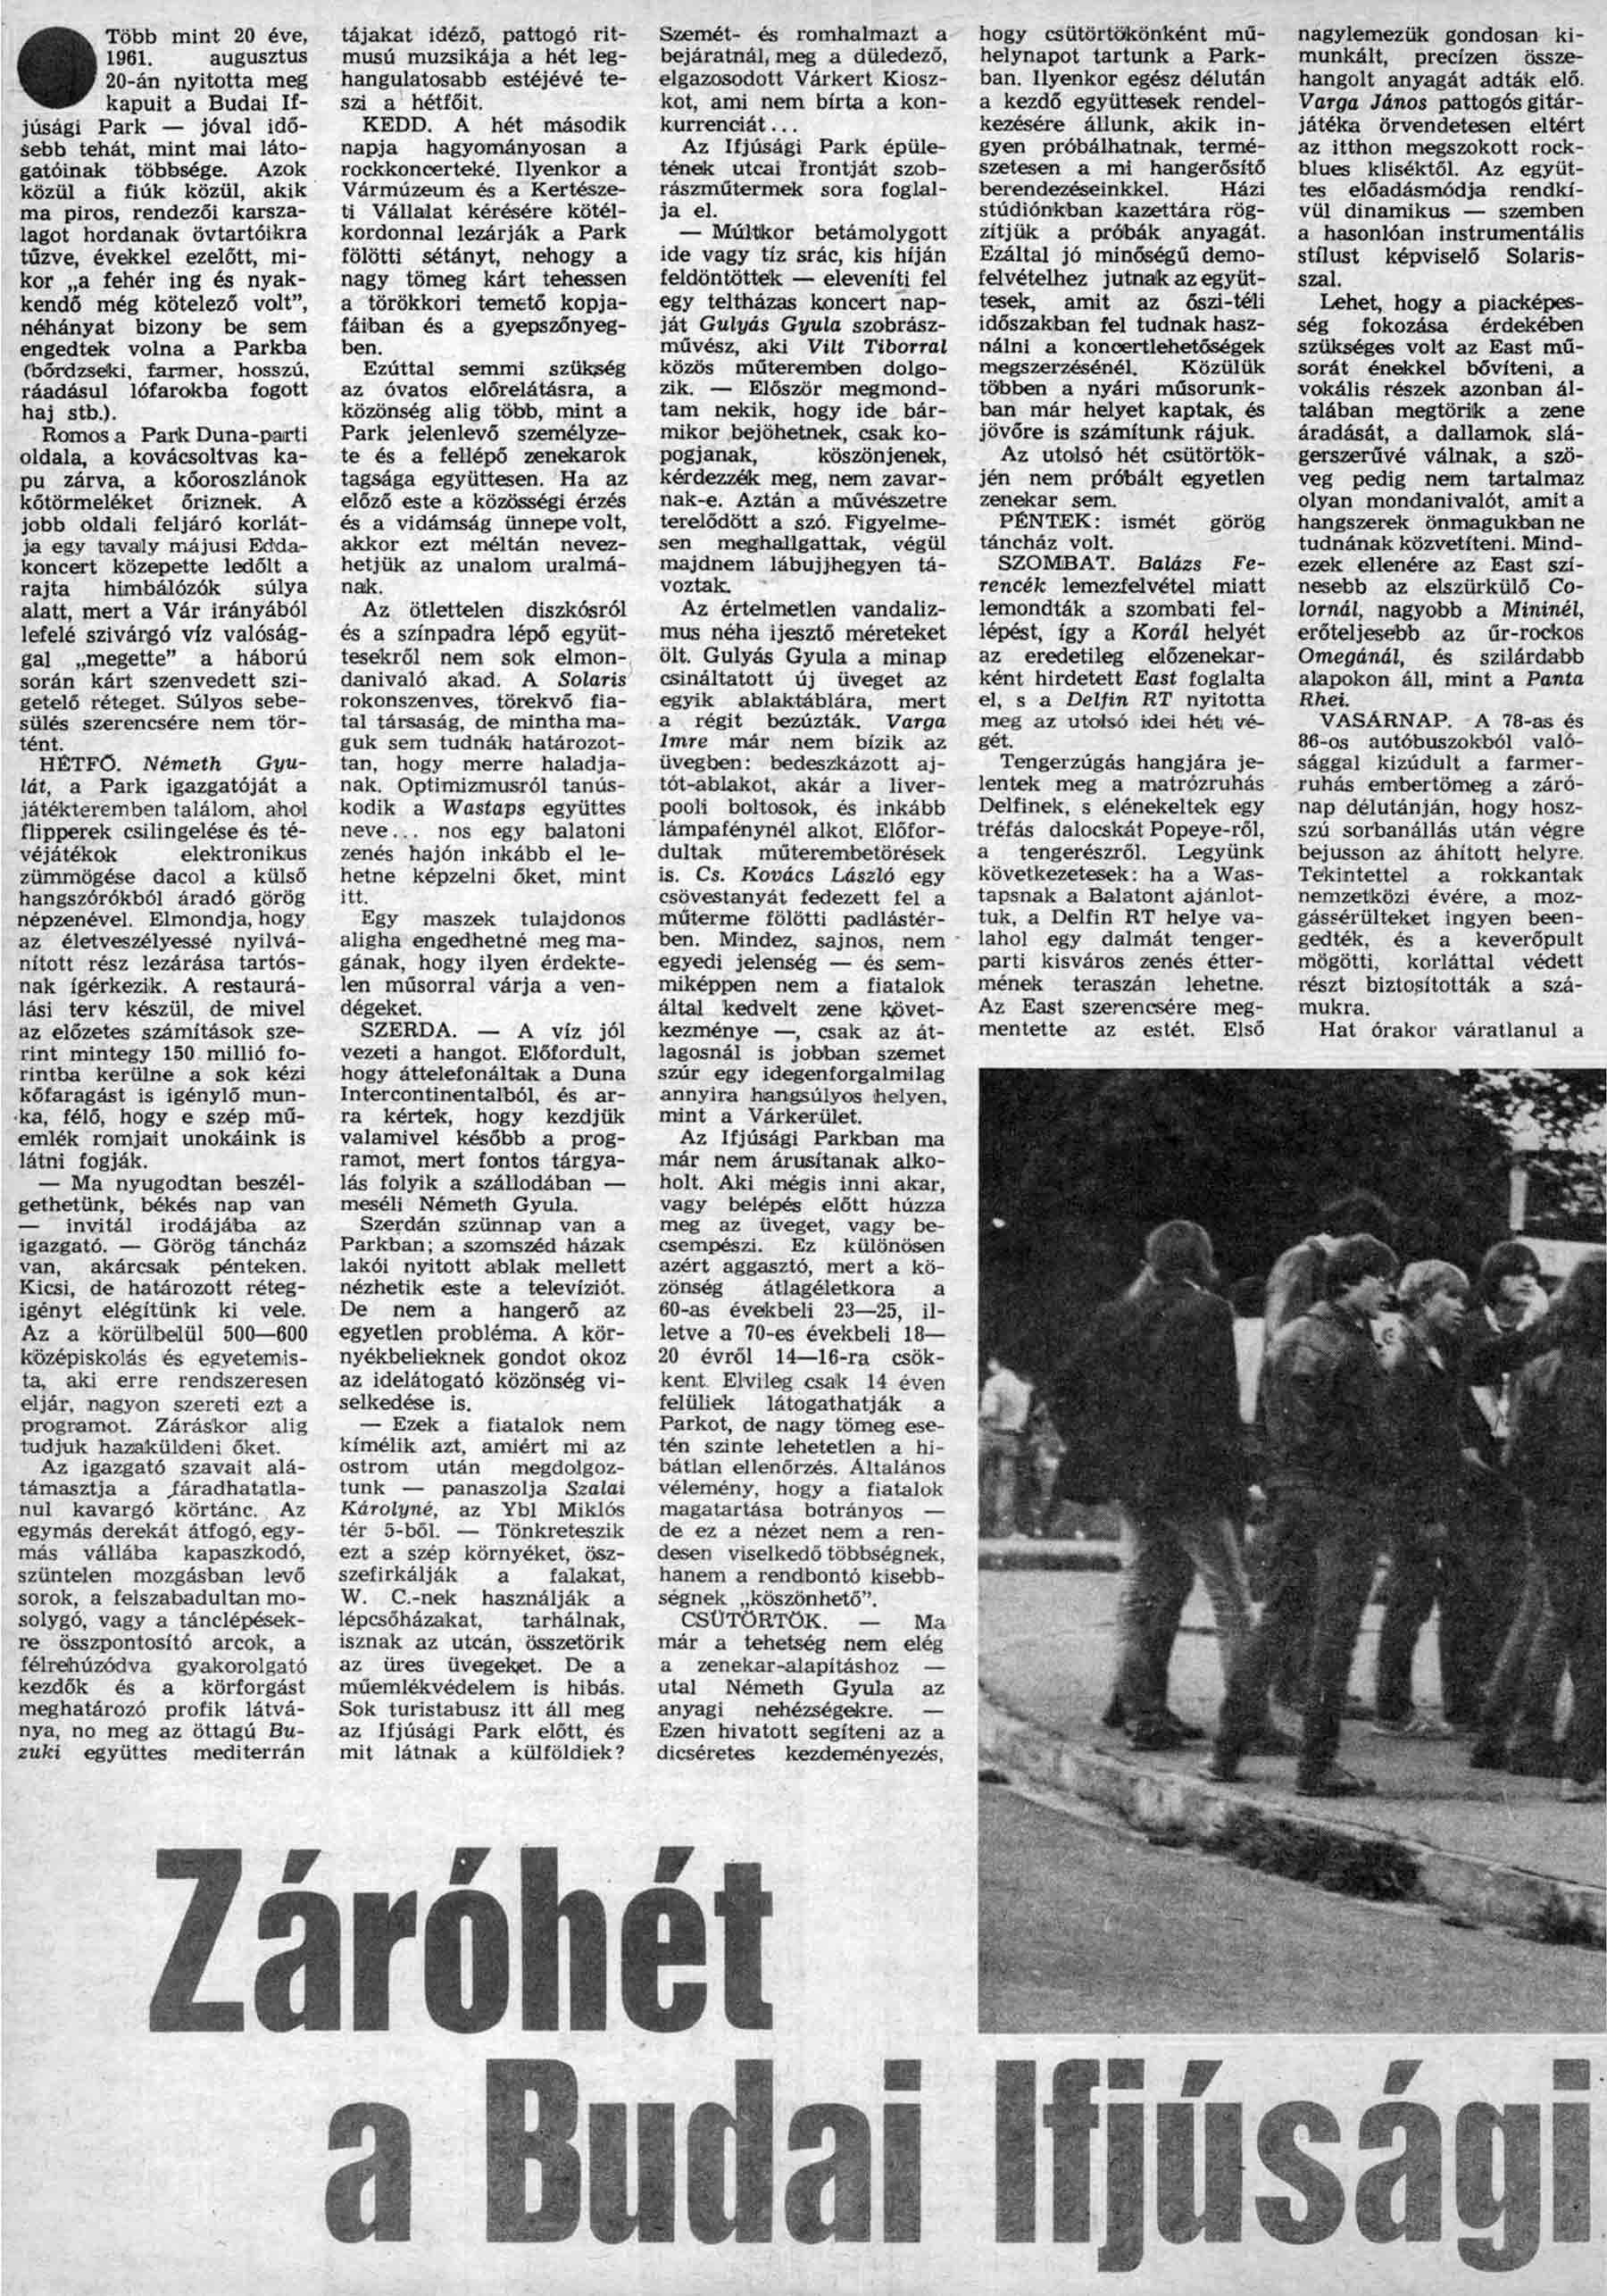 MagyarIfjusag 1981.11.13 - 46. szam - Szőnyei Tamás cikke - 1. oldal